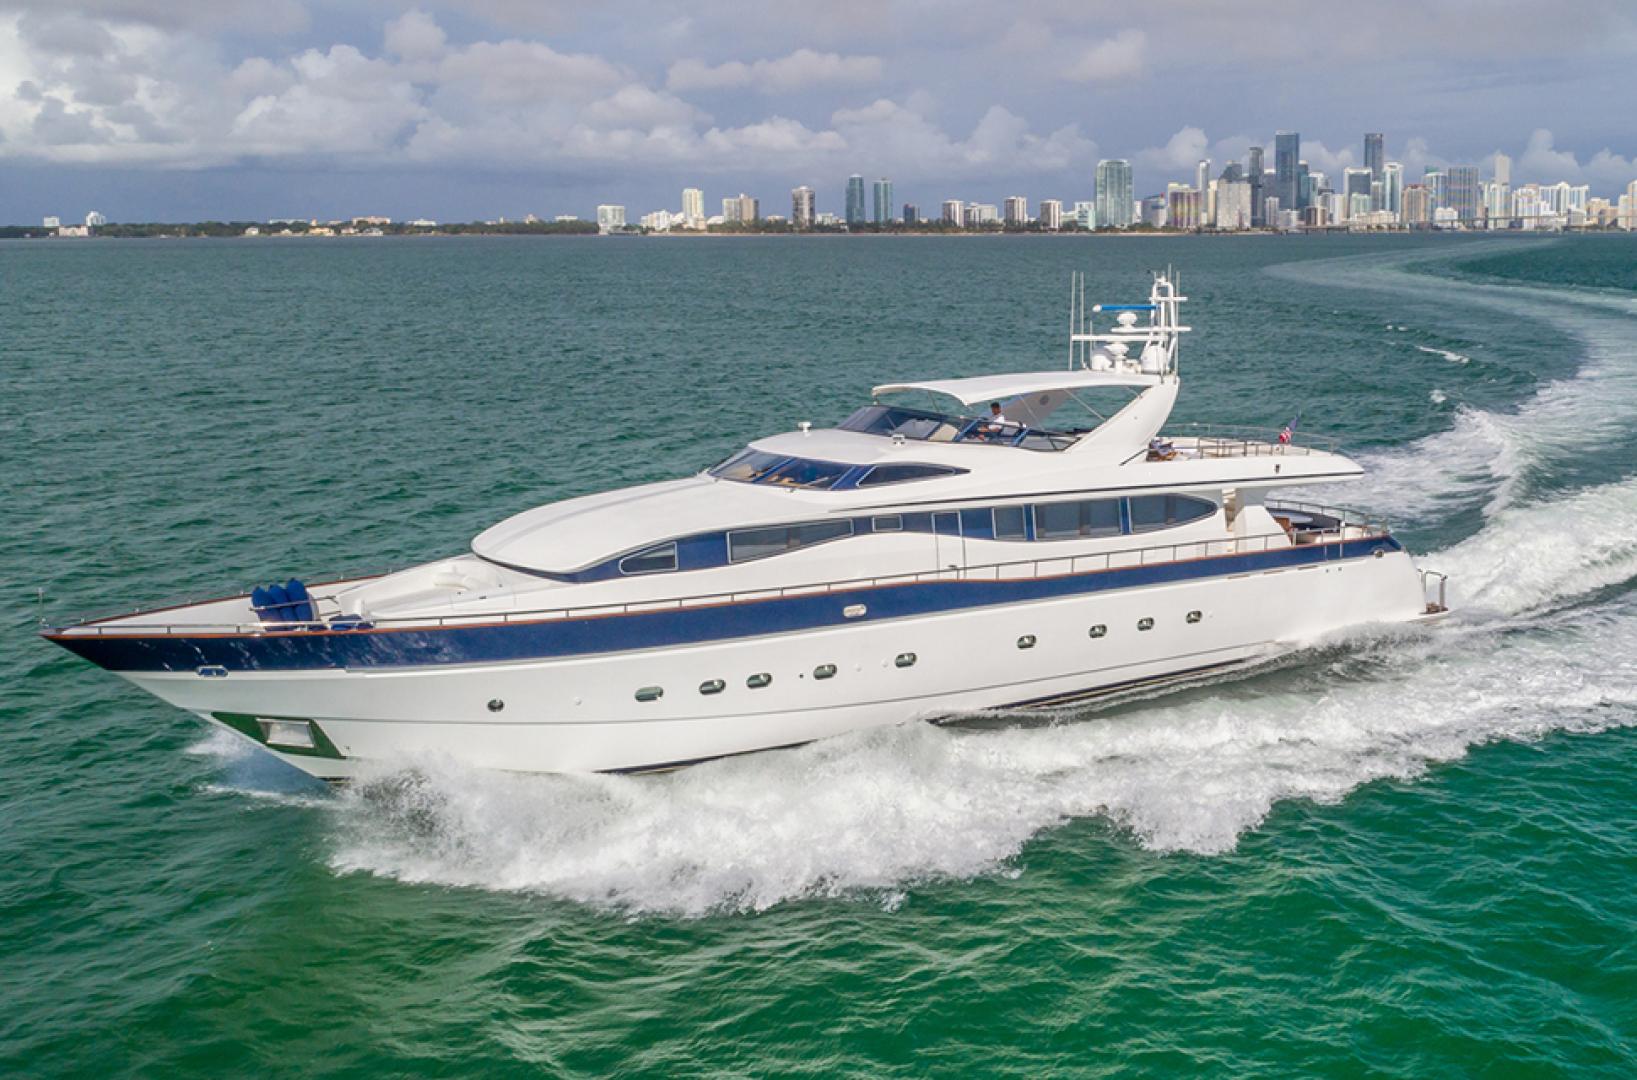 2002 Viking Sport Cruisers 108' 108 Motor Yacht